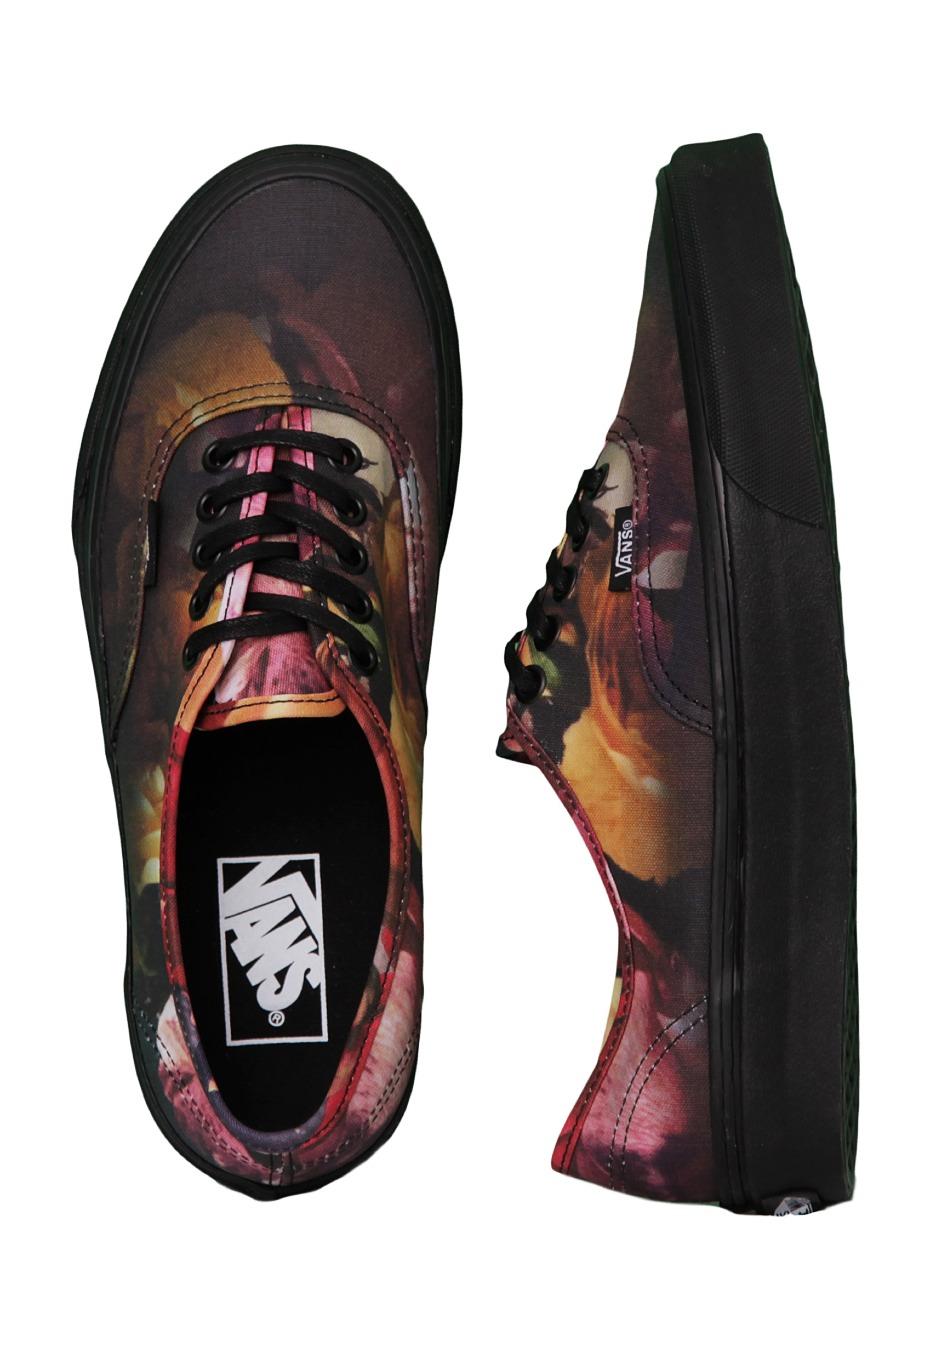 7f59ab48f4a0da Vans - Authentic Ombre Floral Black Black - Girl Shoes - Impericon.com UK